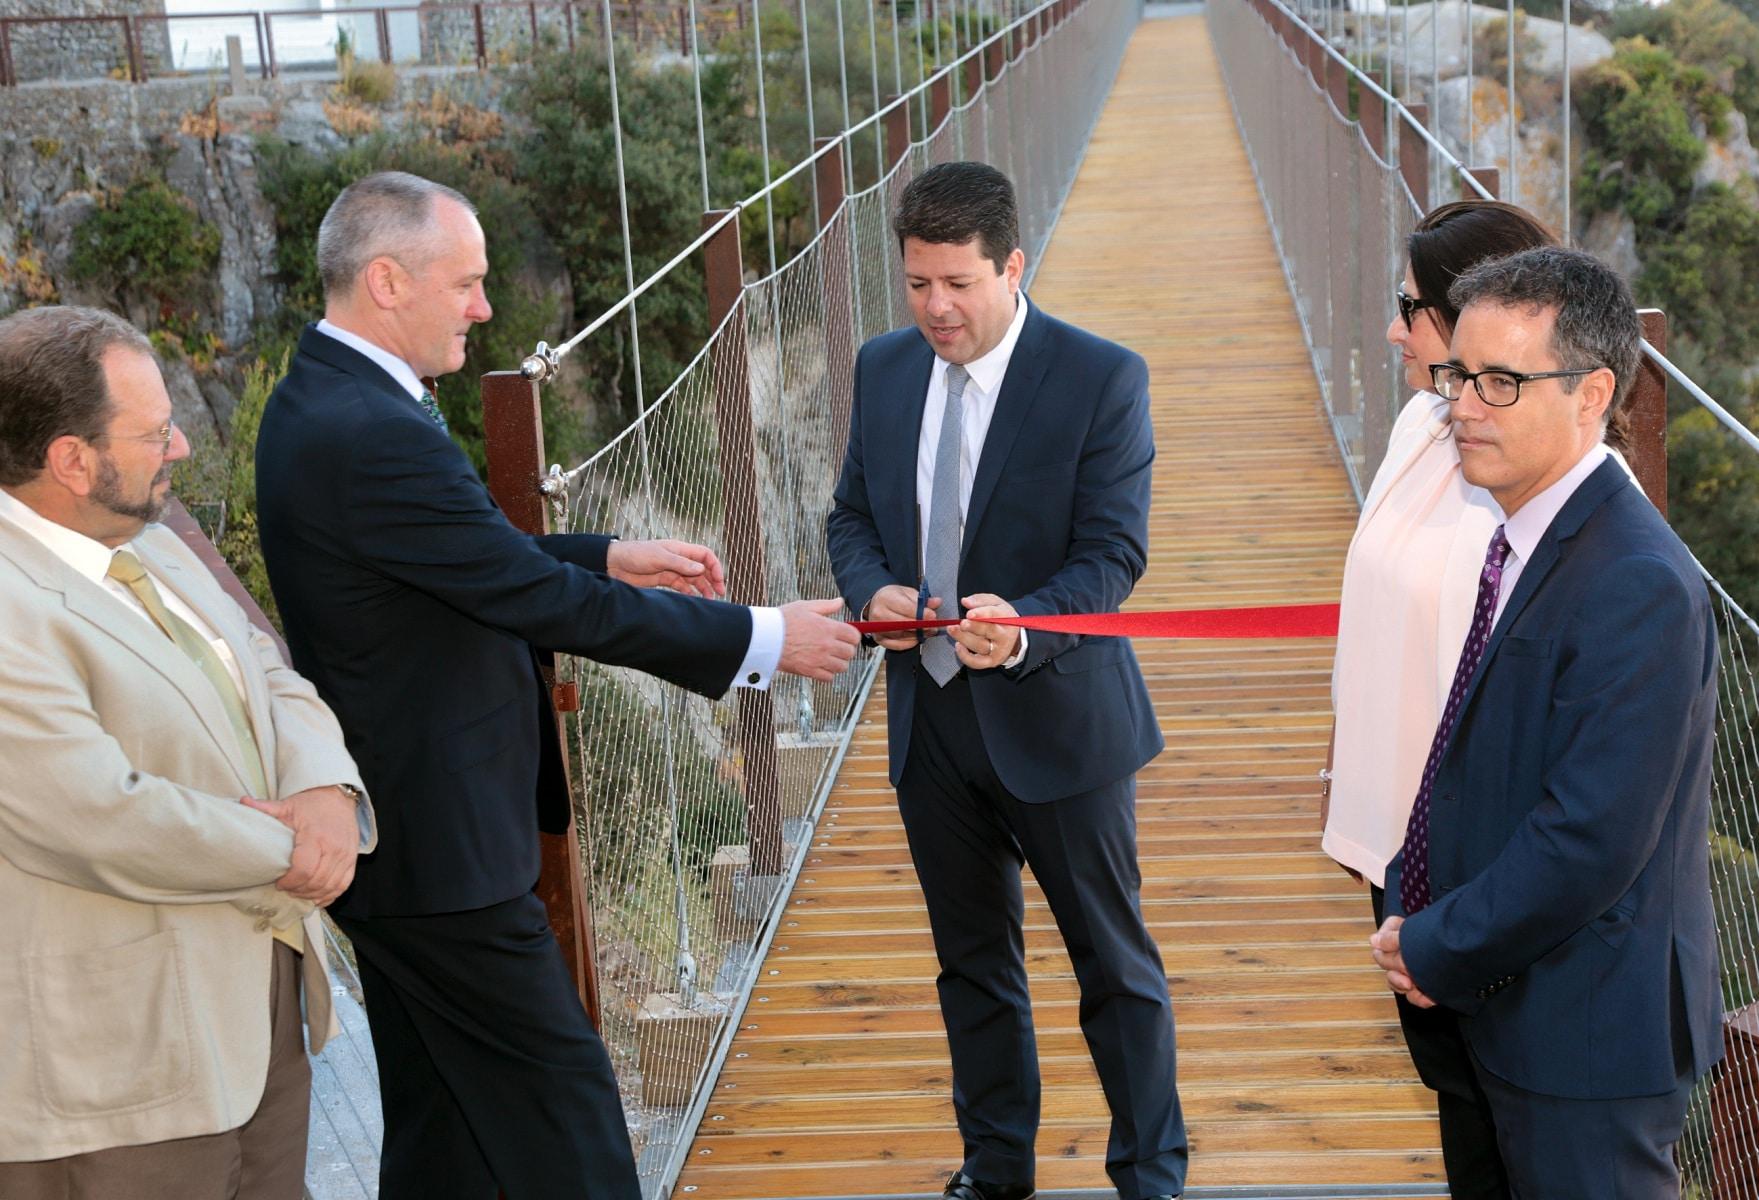 21-jun-2016-inauguracin-puente-colgante-en-la-reserva-natural-del-pen-de-gibraltar_27556204610_o